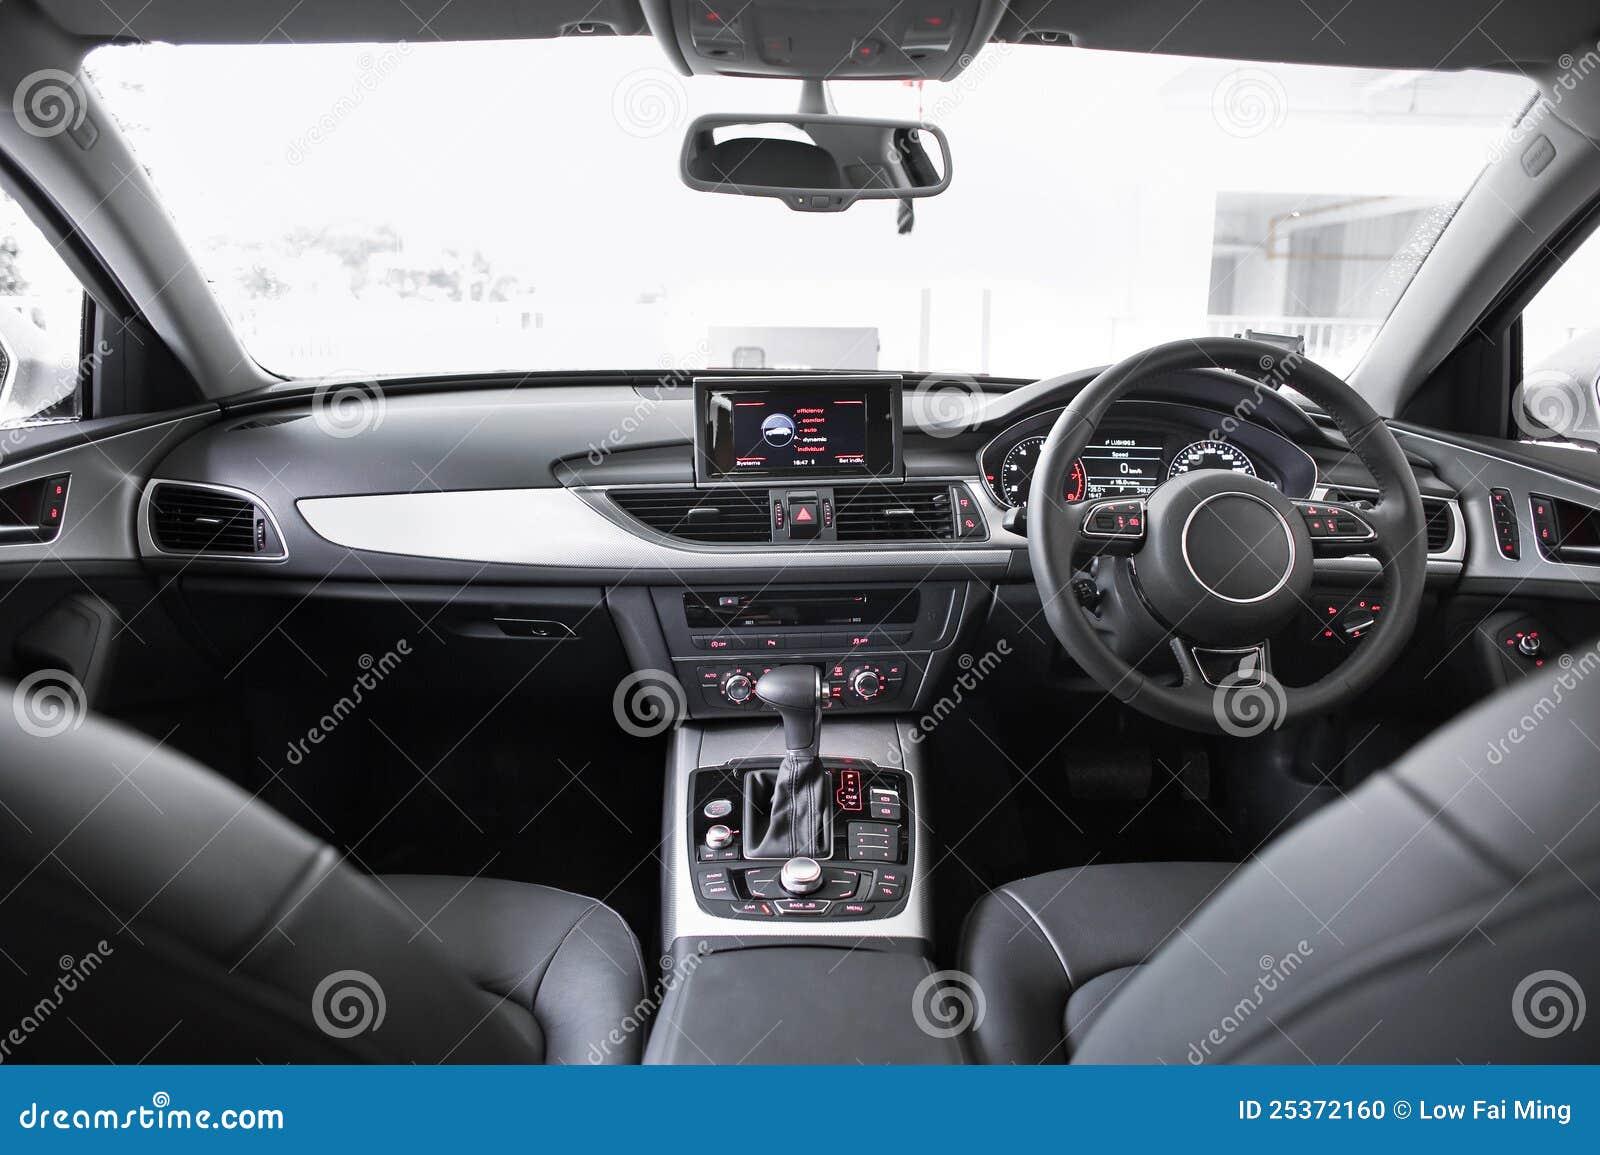 interior of a car stock illustration image of holder 25372160. Black Bedroom Furniture Sets. Home Design Ideas